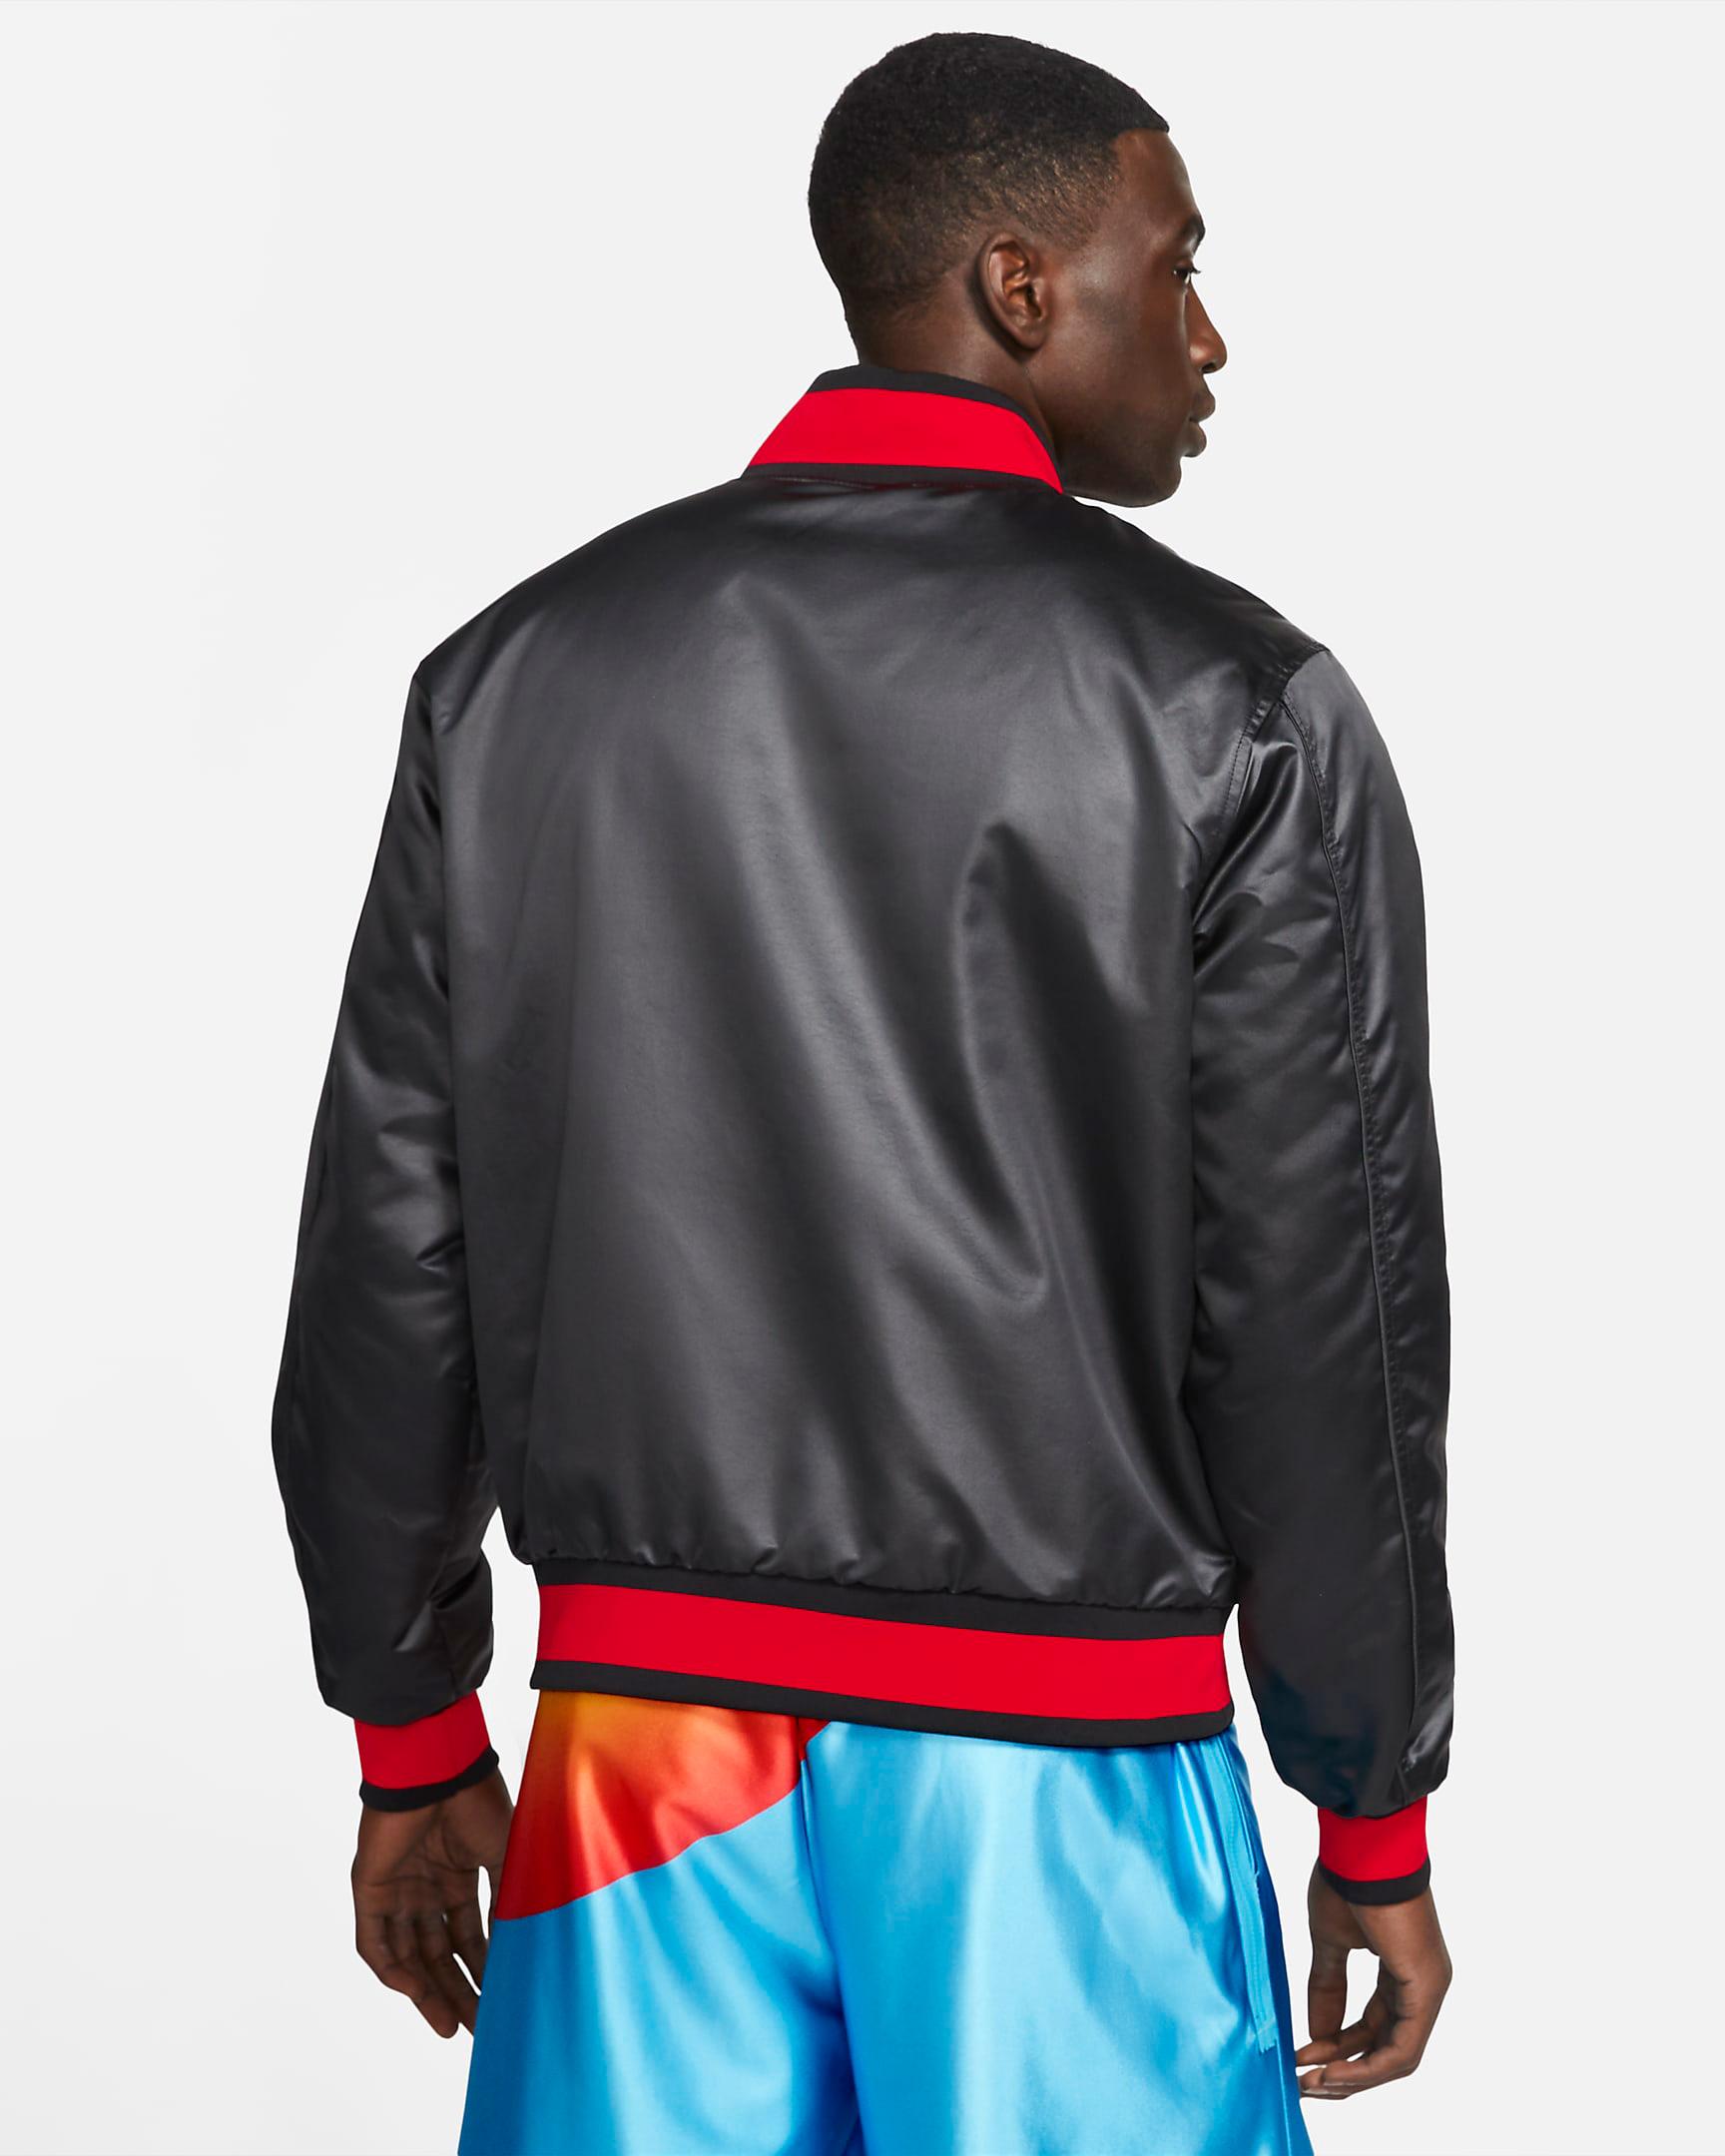 nike-lebron-space-jam-tune-squad-jacket-2